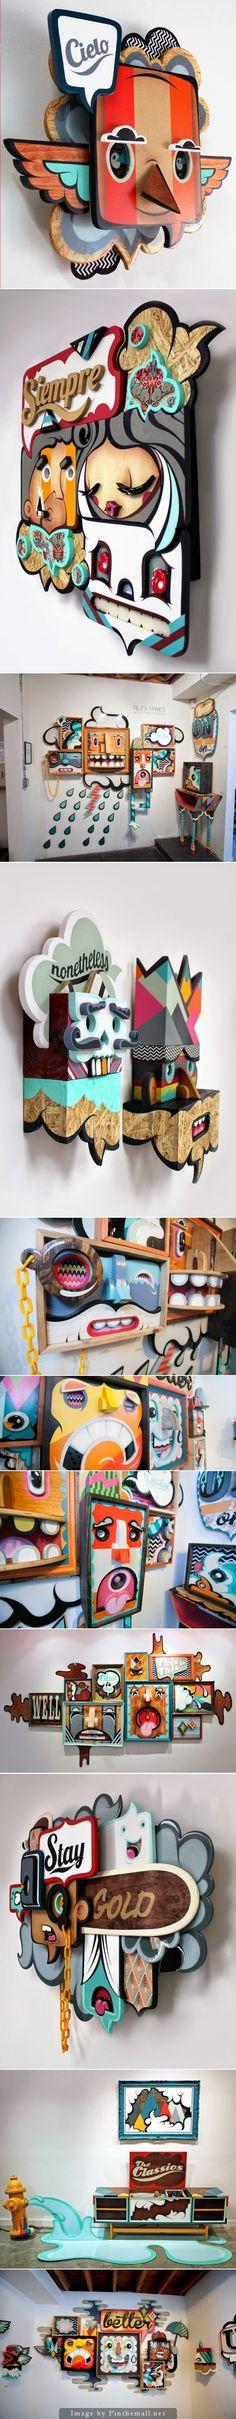 Graffiti 3D de Alex Yanes Visto en: http://www.nometoqueslashelveticas.com/2014/05/graffiti-3d-de-alex-yanes.html